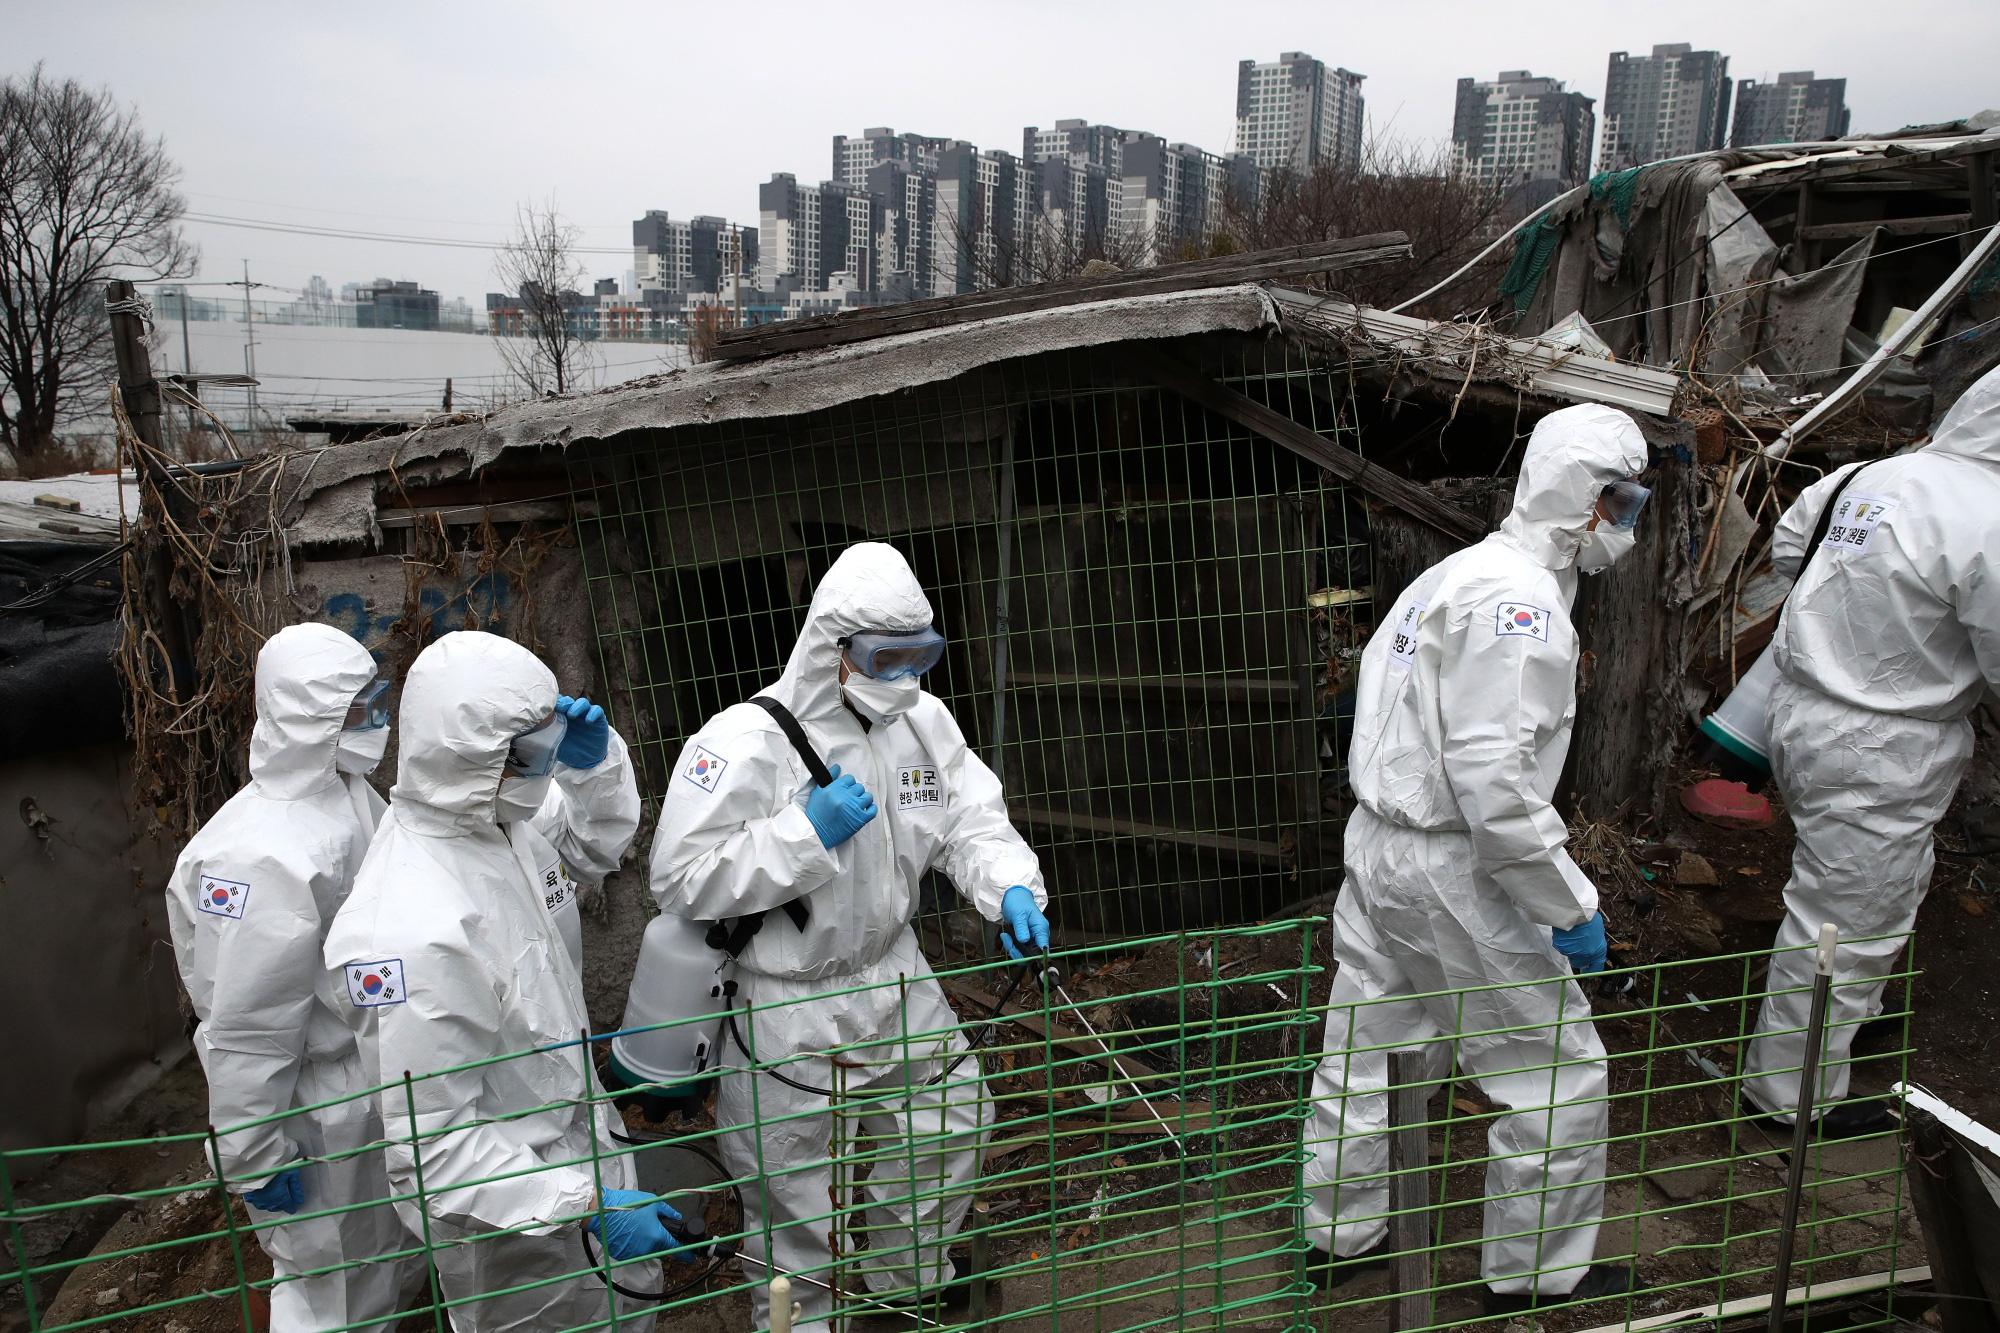 Hàn Quốc tiết lộ sẽ tăng ngân sách thêm 9,8 tỉ USD để ngăn chặn nguồn gốc dịch Covid-19 - Ảnh 1.